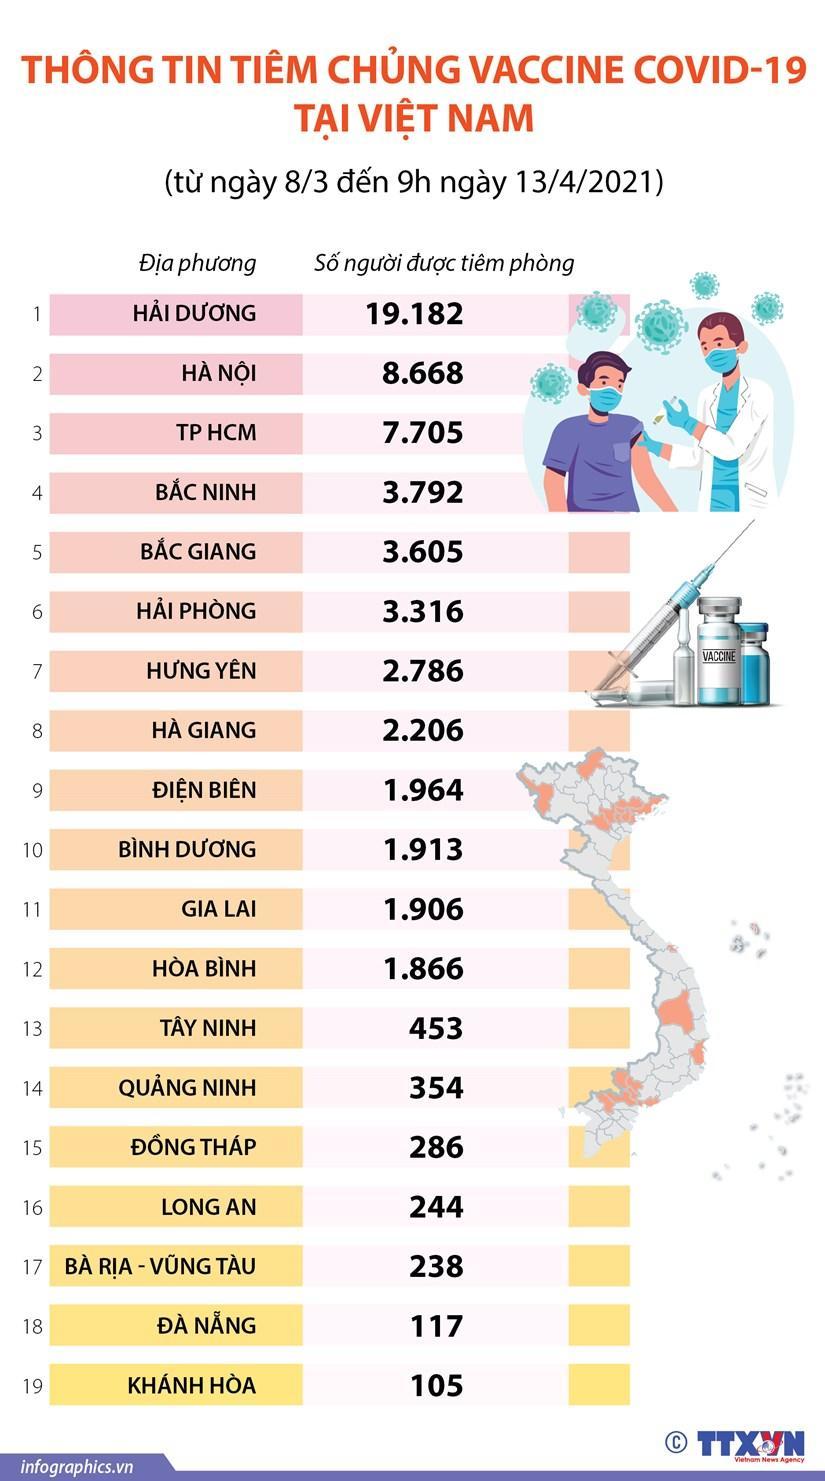 Thông tin tình hình tiêm chủng vaccine COVID-19 tại Việt Nam Ảnh 1